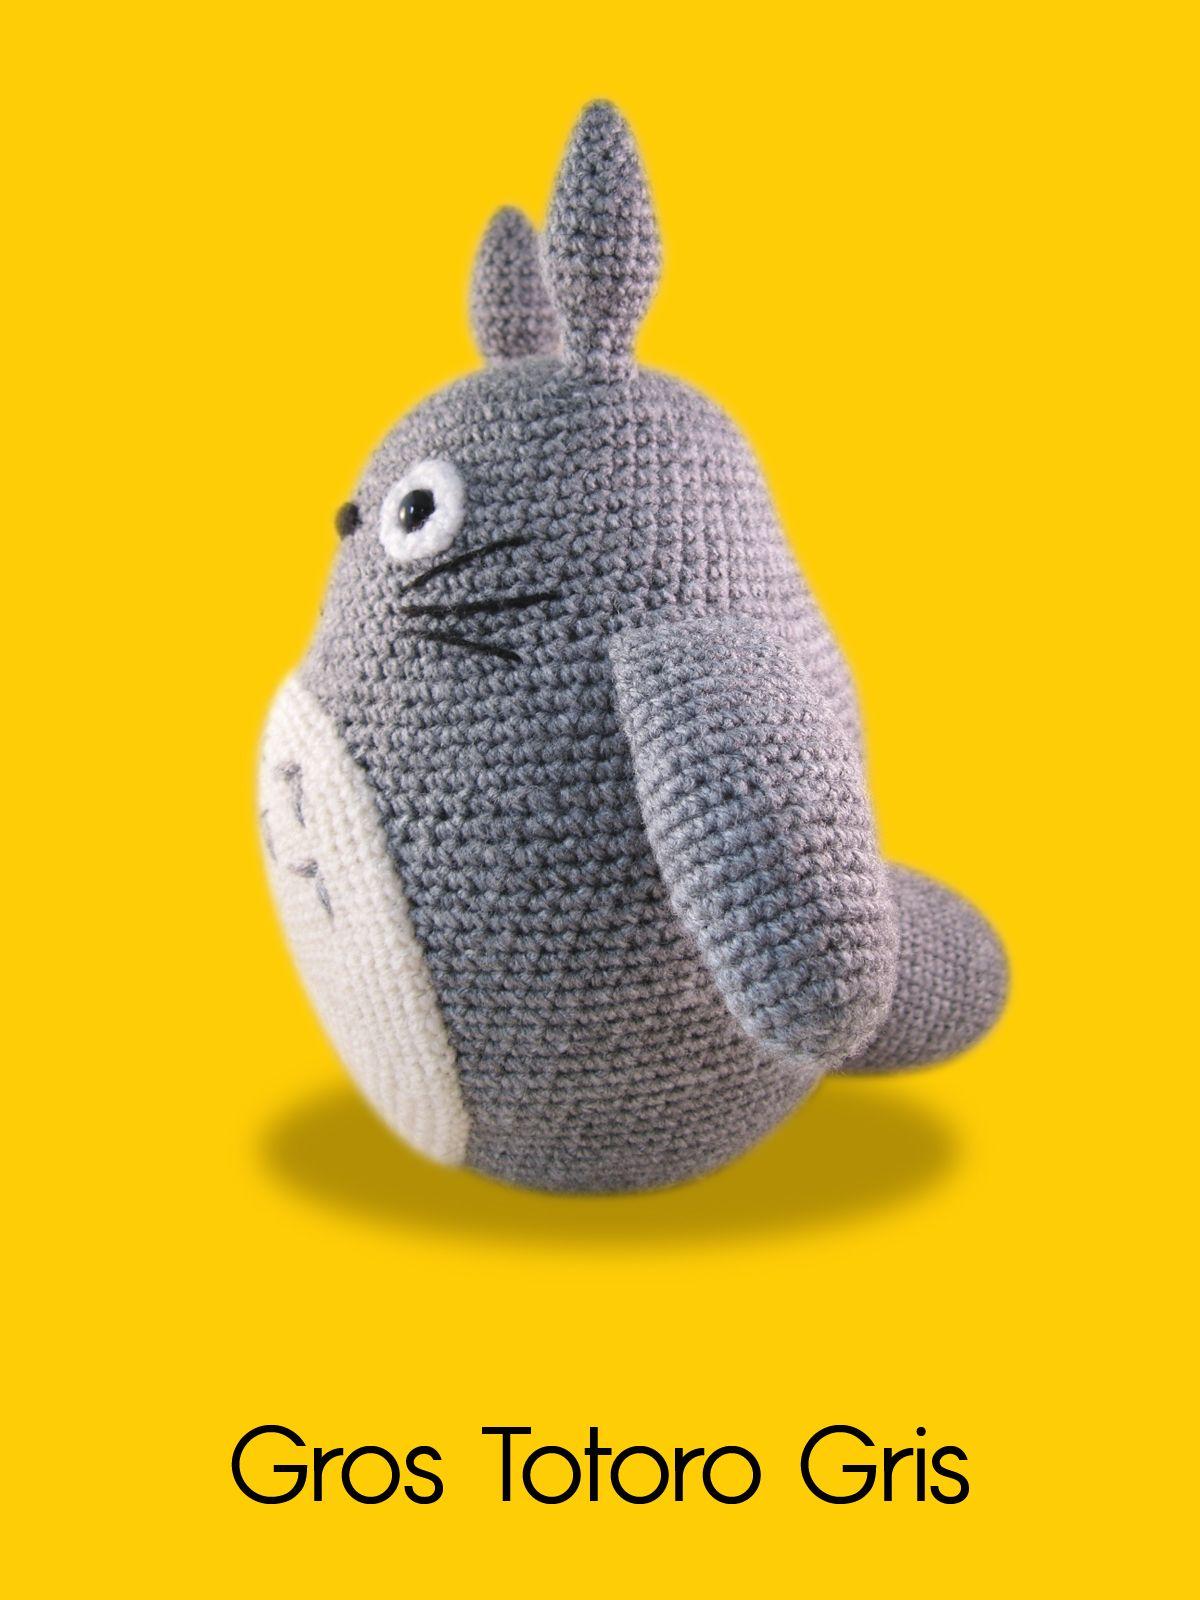 modele-gratuit-crochet-totoro   tejido   Pinterest   Tejido